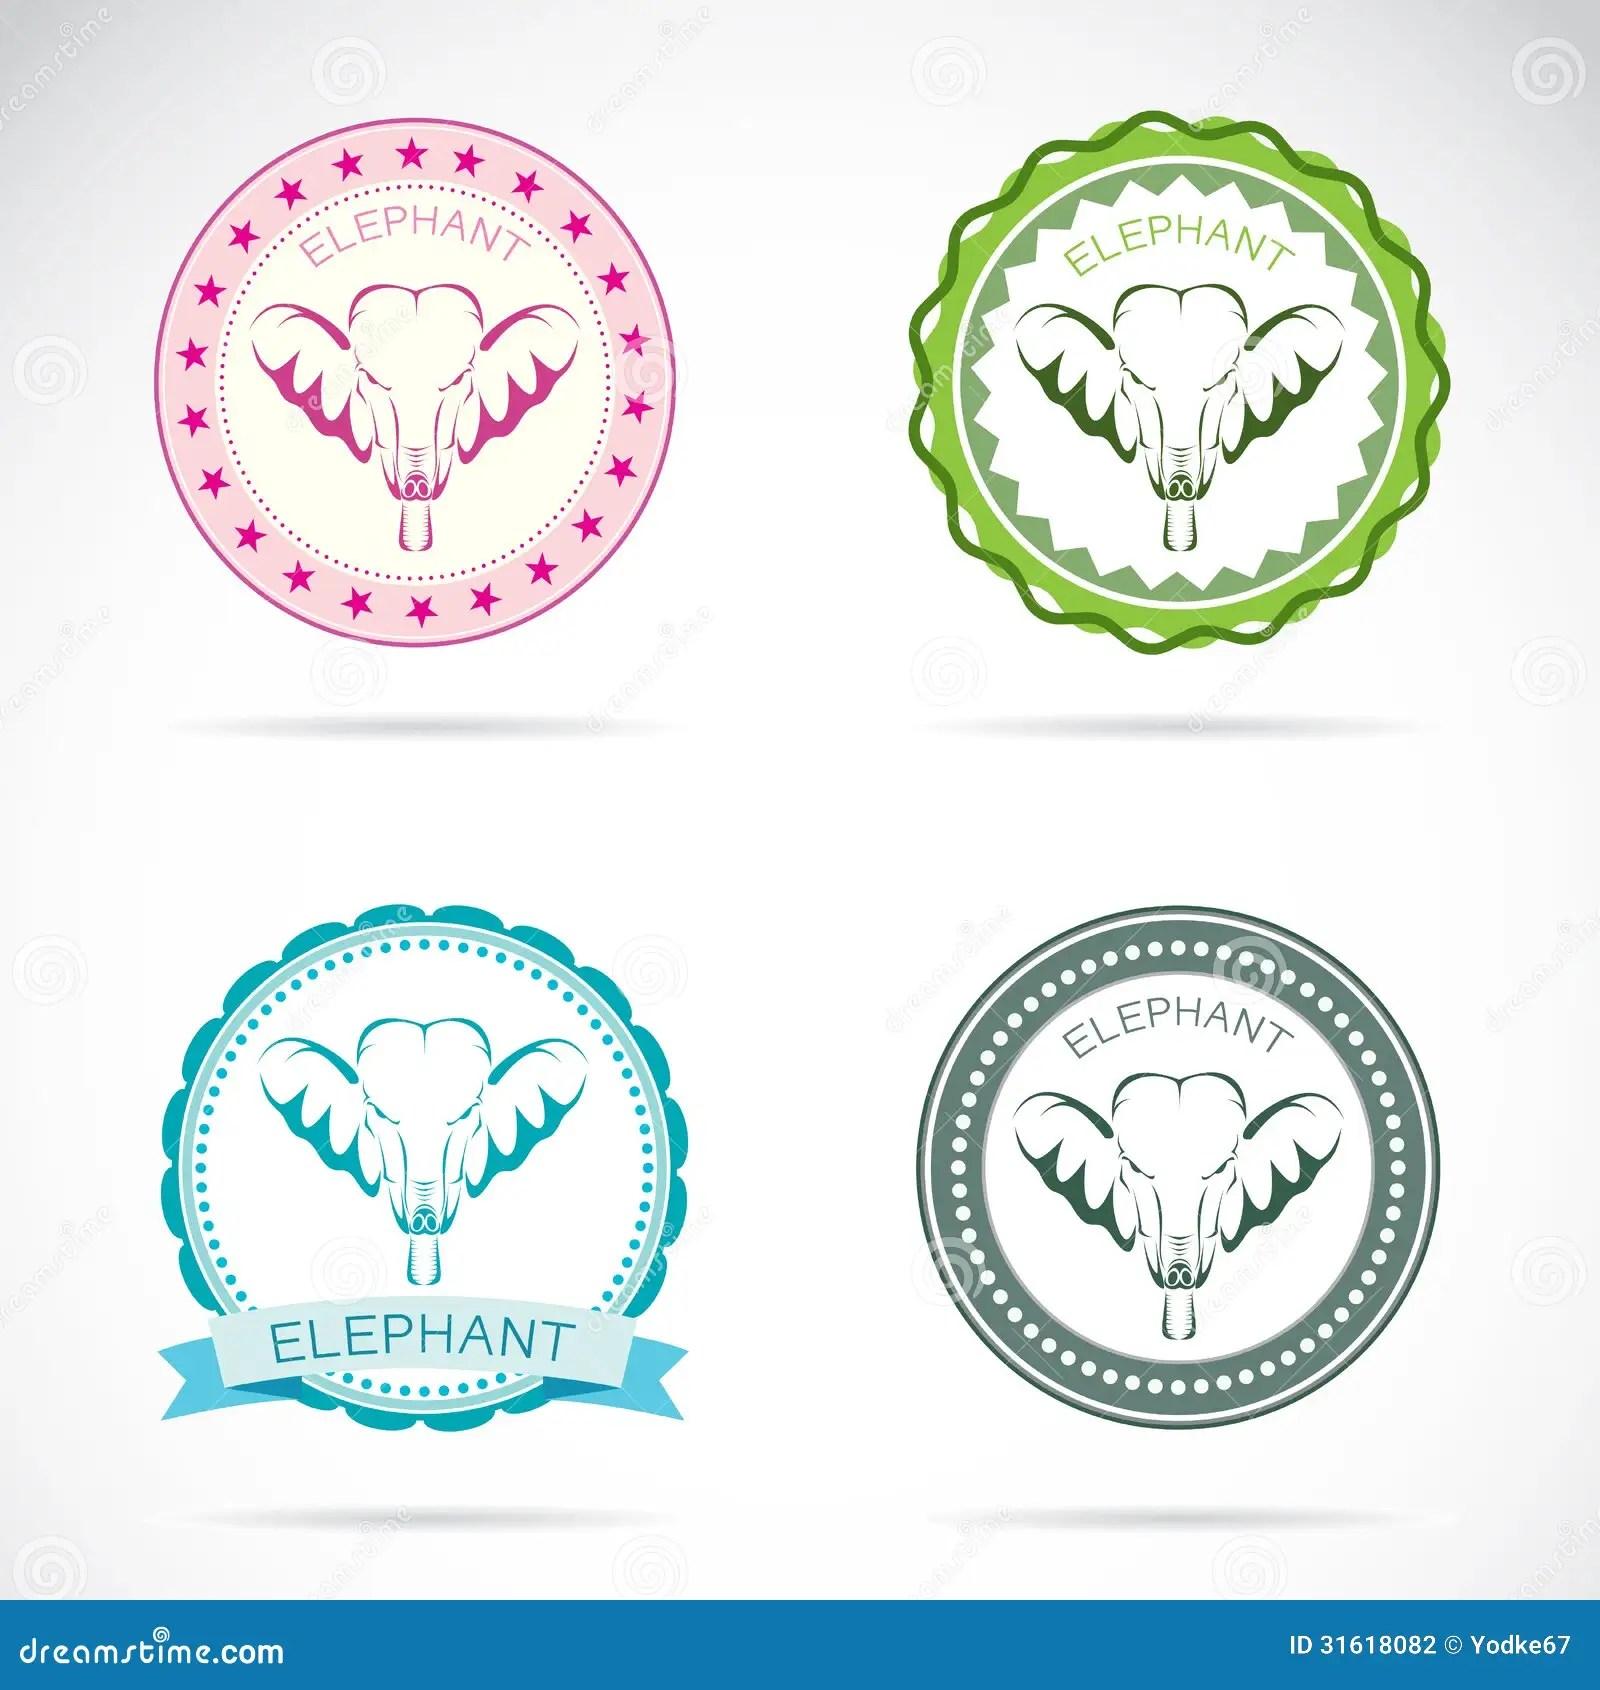 Set Of Elephant Label Stock Photography